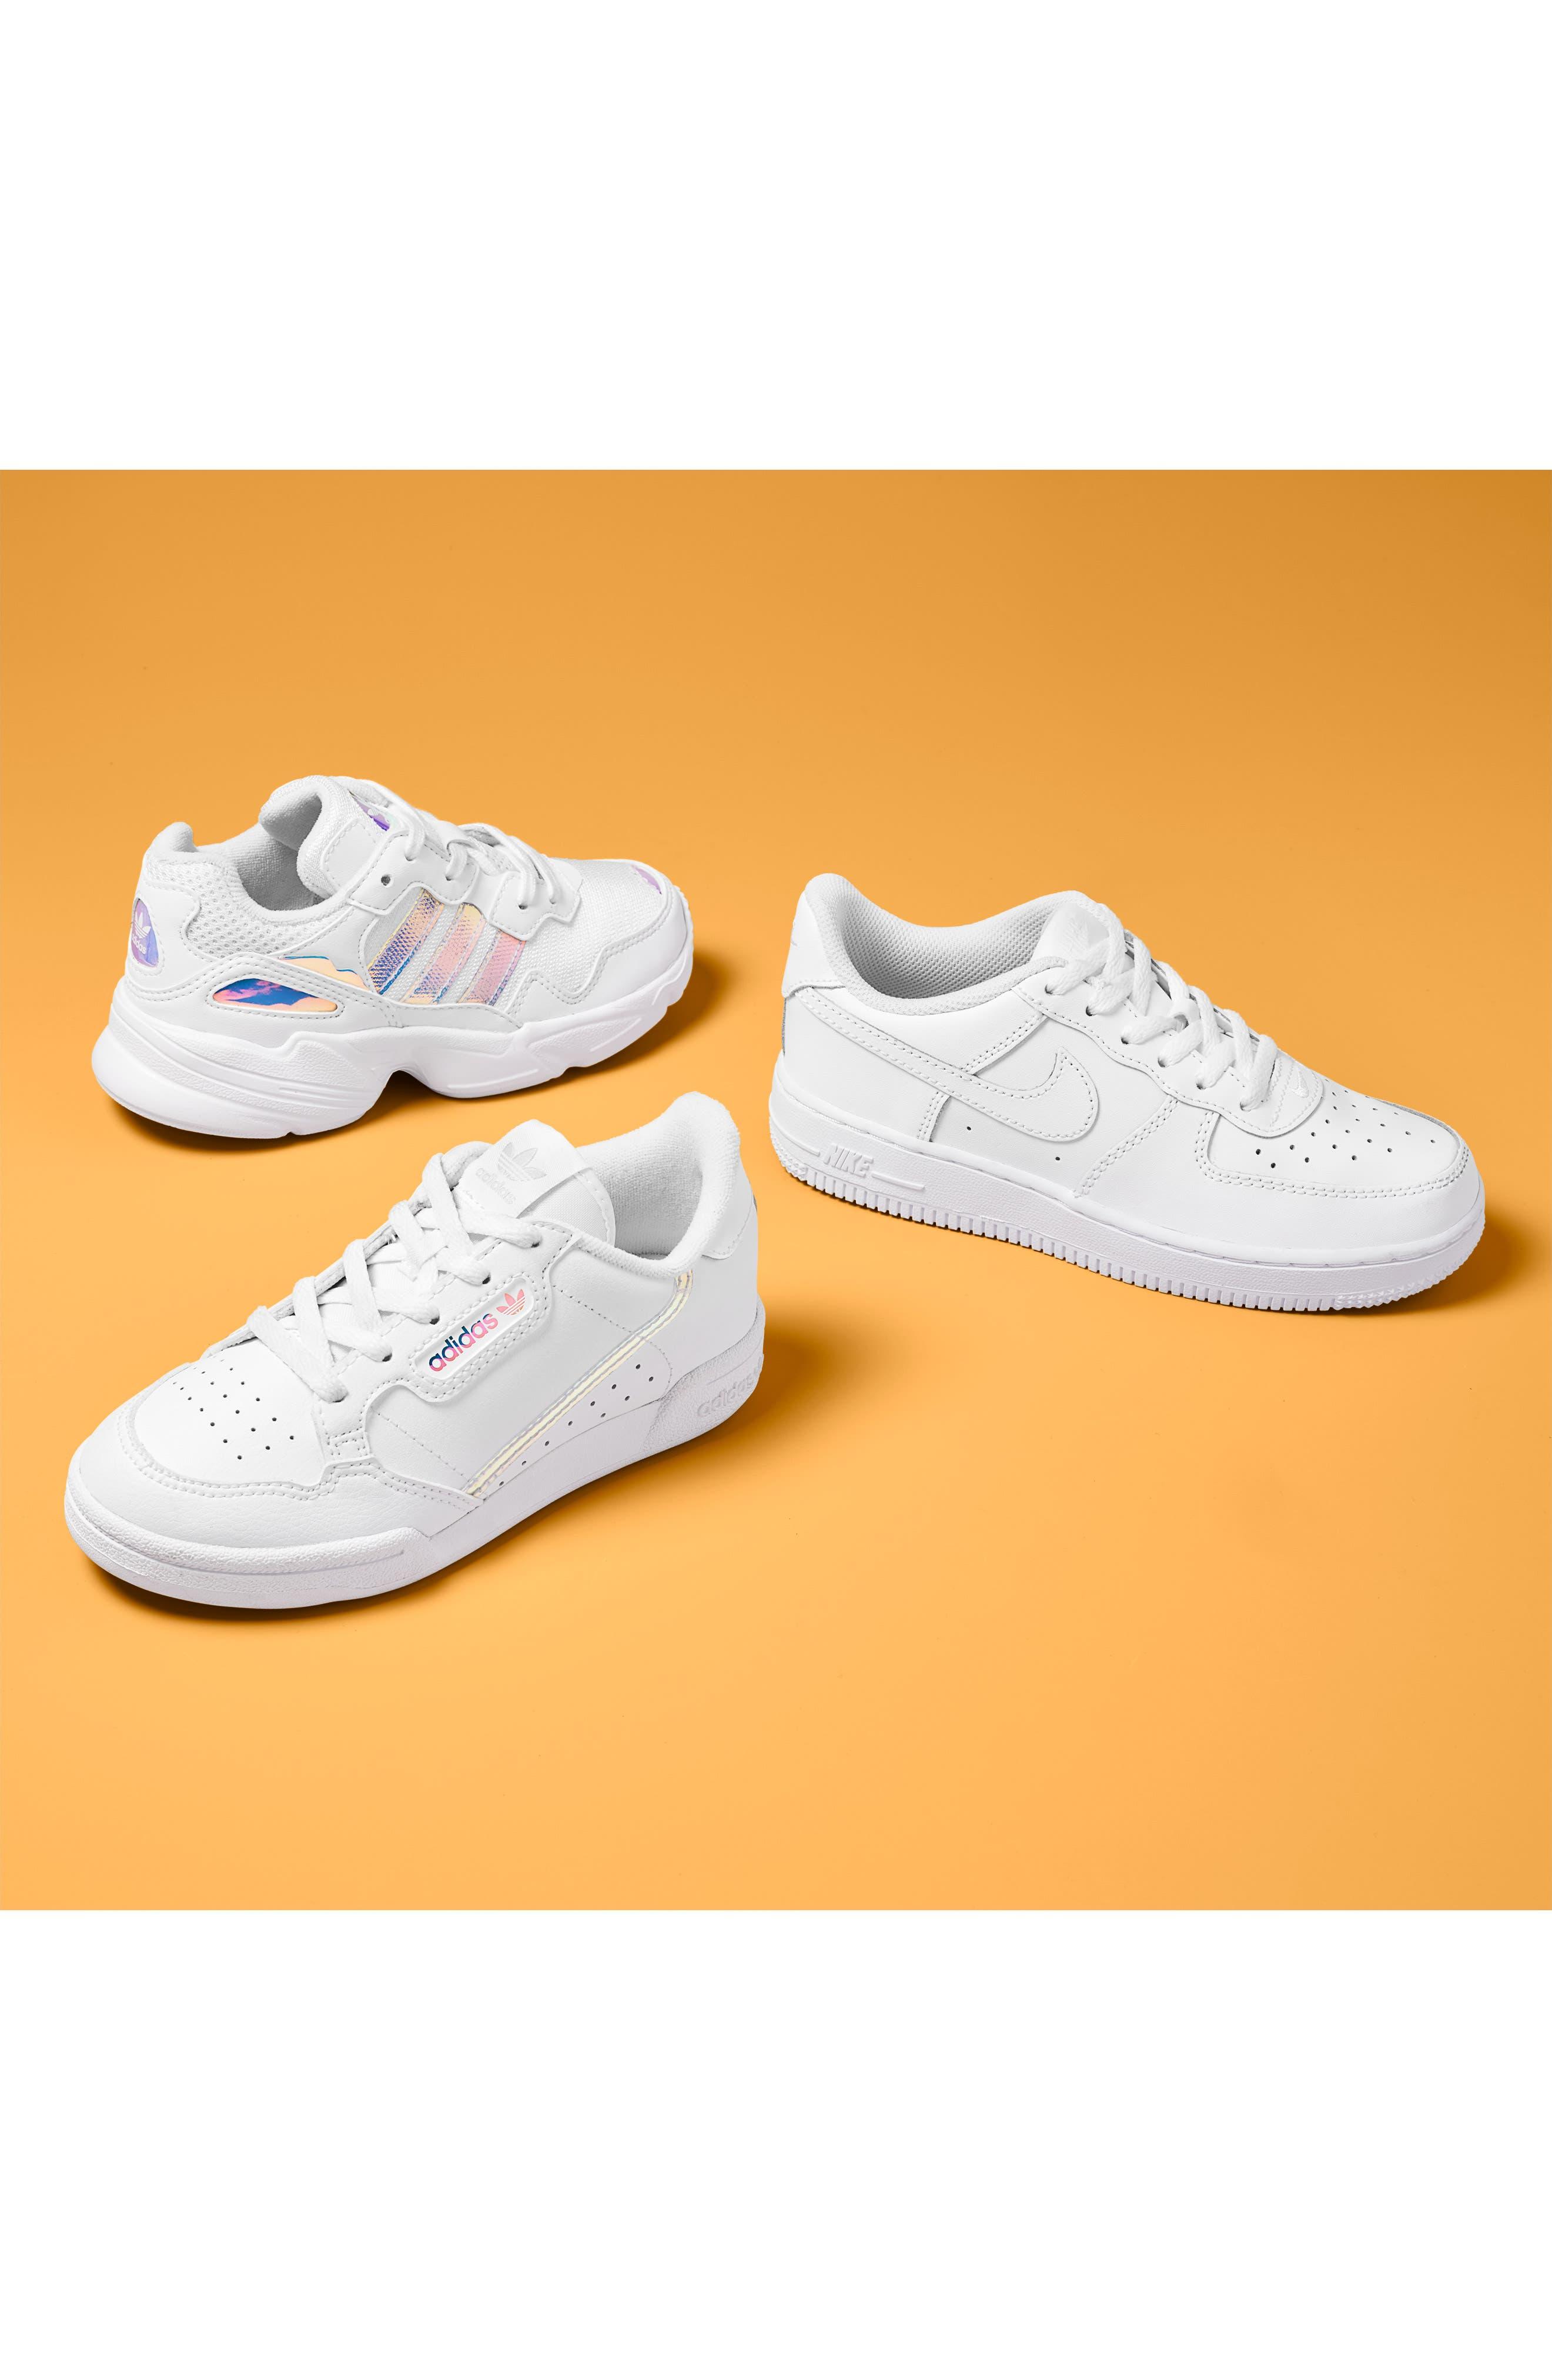 adidas yung 96 baby